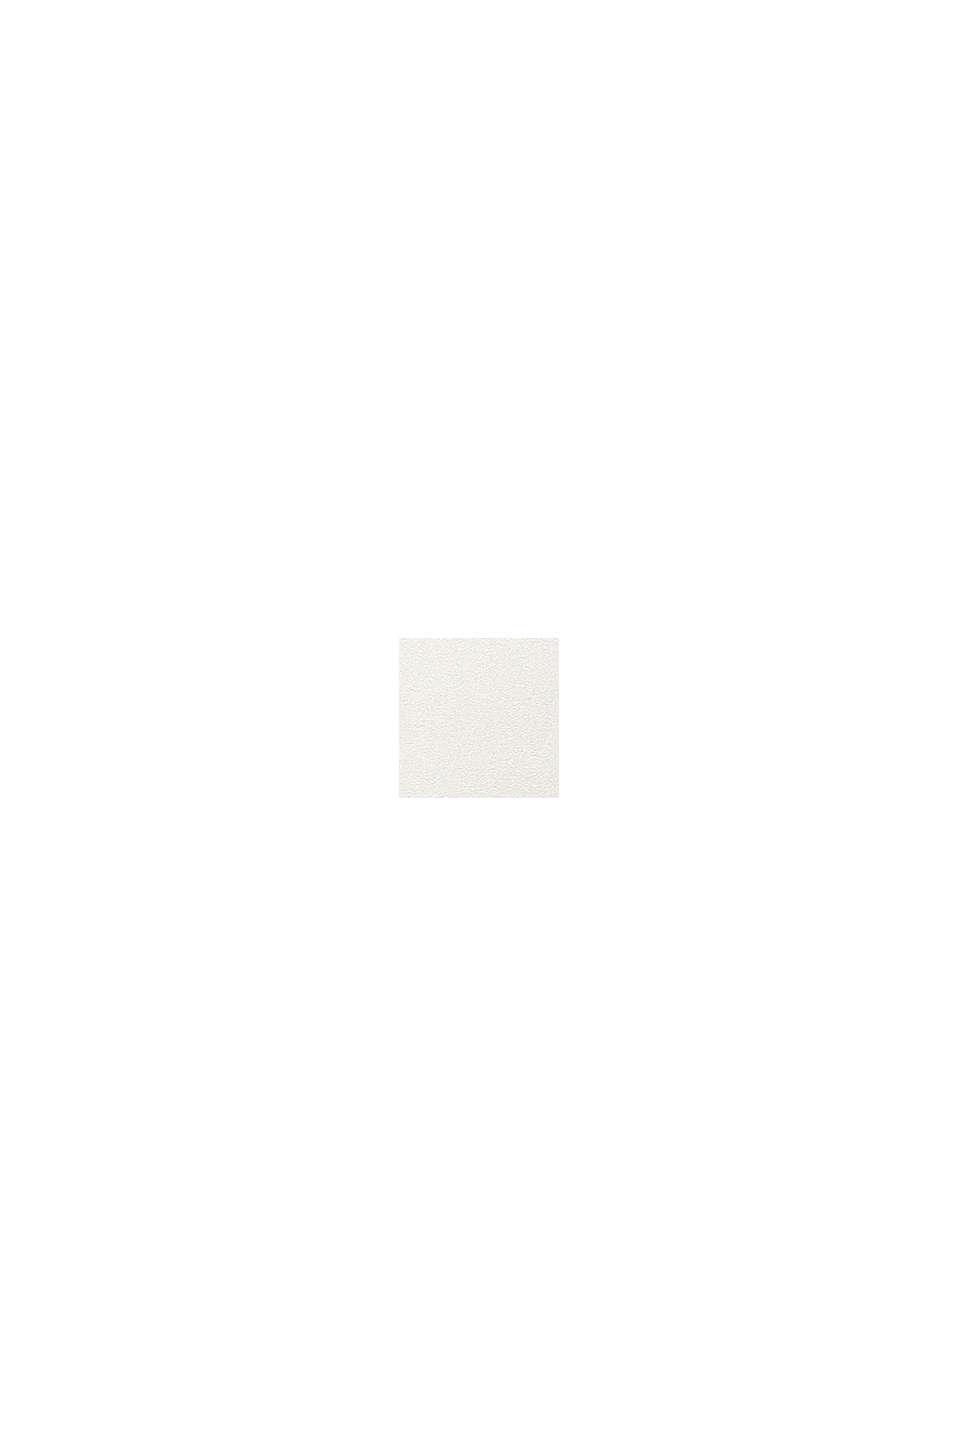 Kinder-Kurzflorteppich mit Sternen, WHITE, swatch